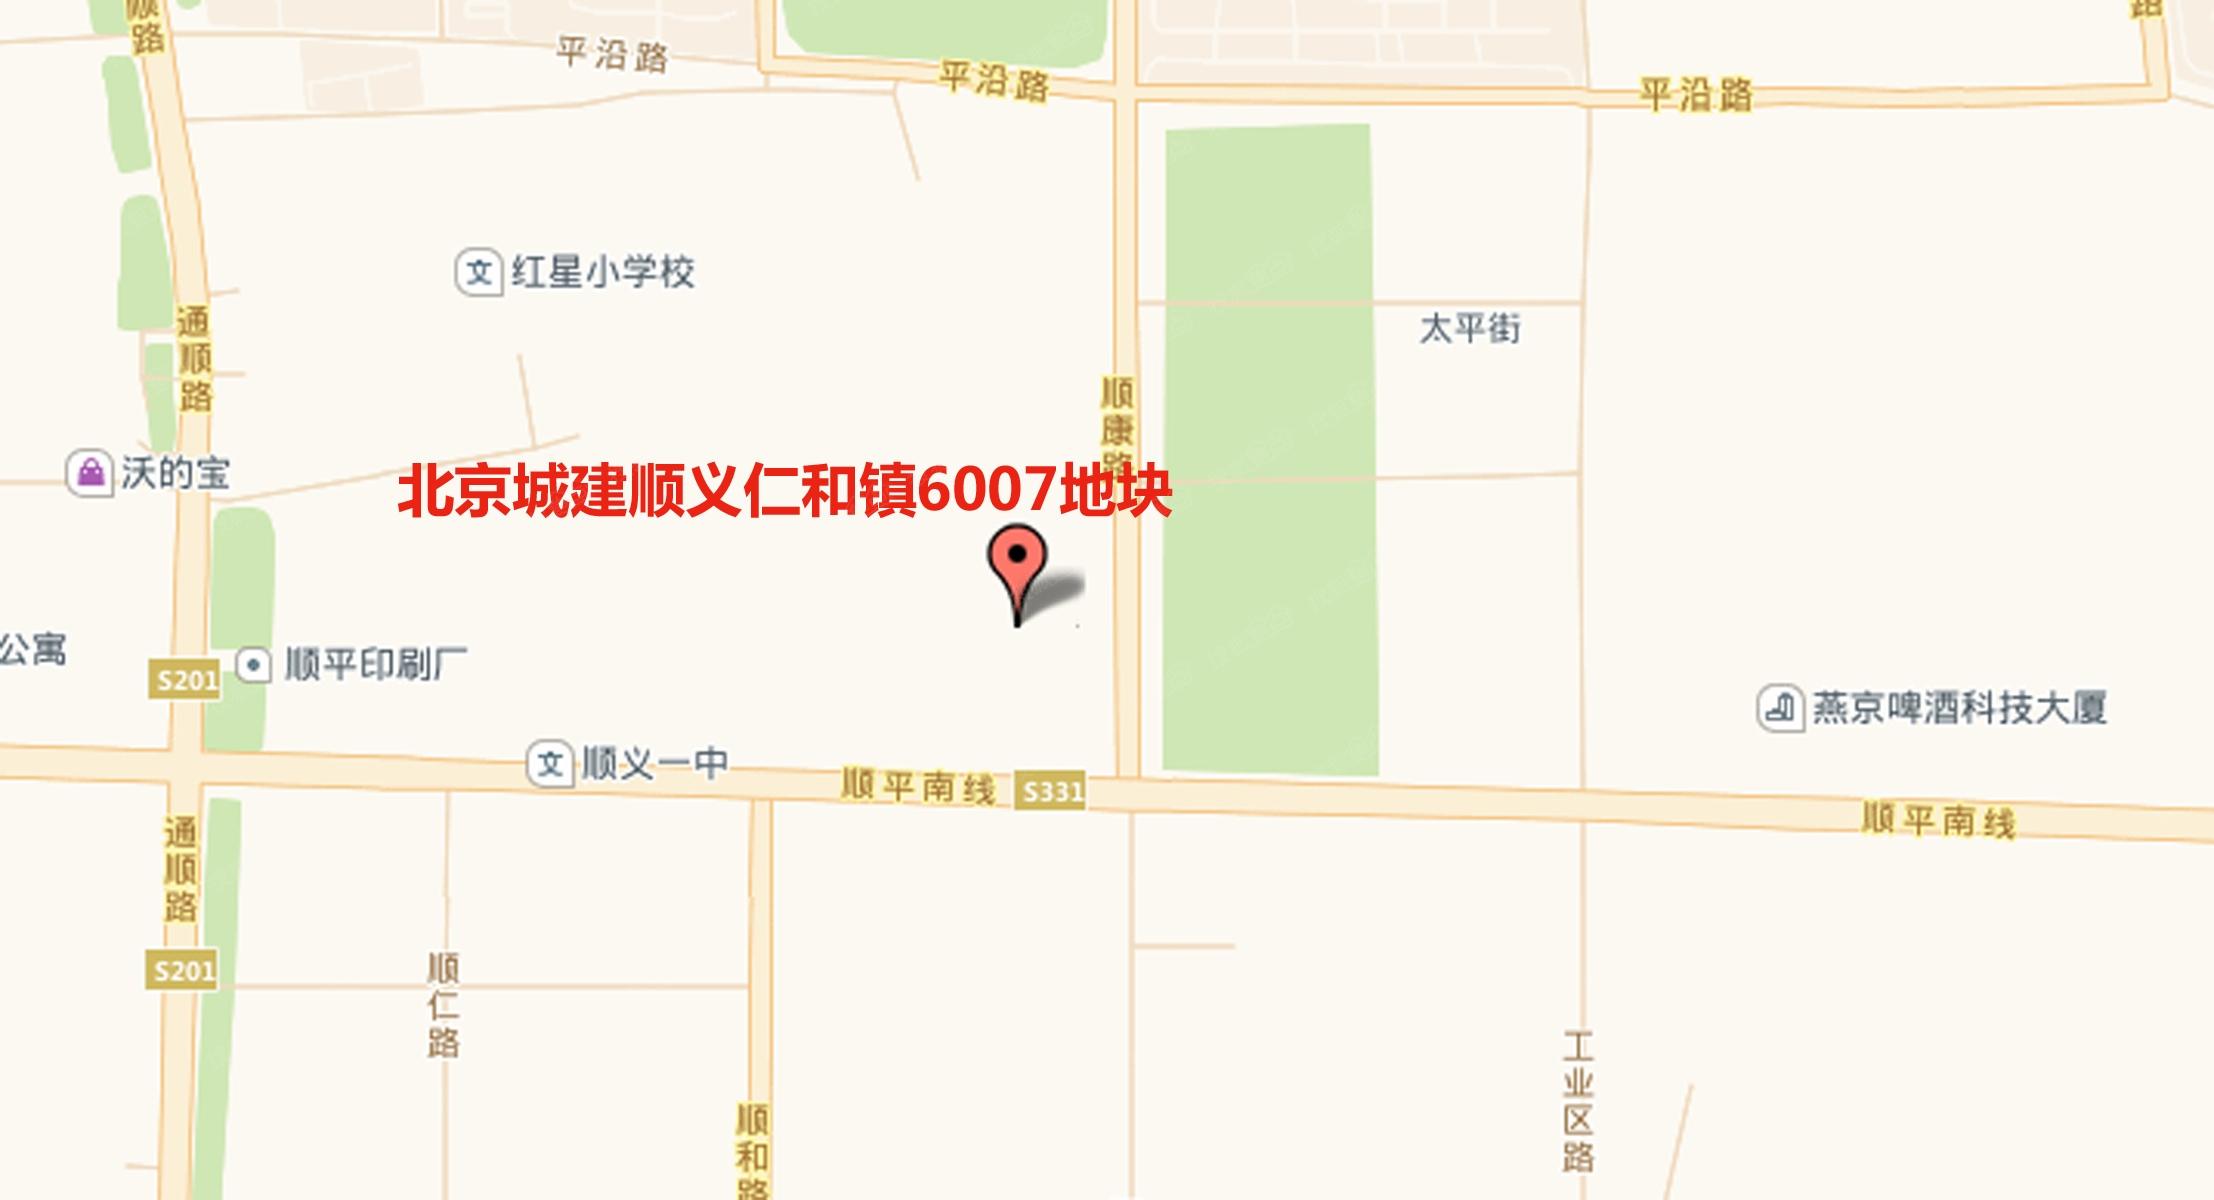 北京城建顺义仁和镇6007地块